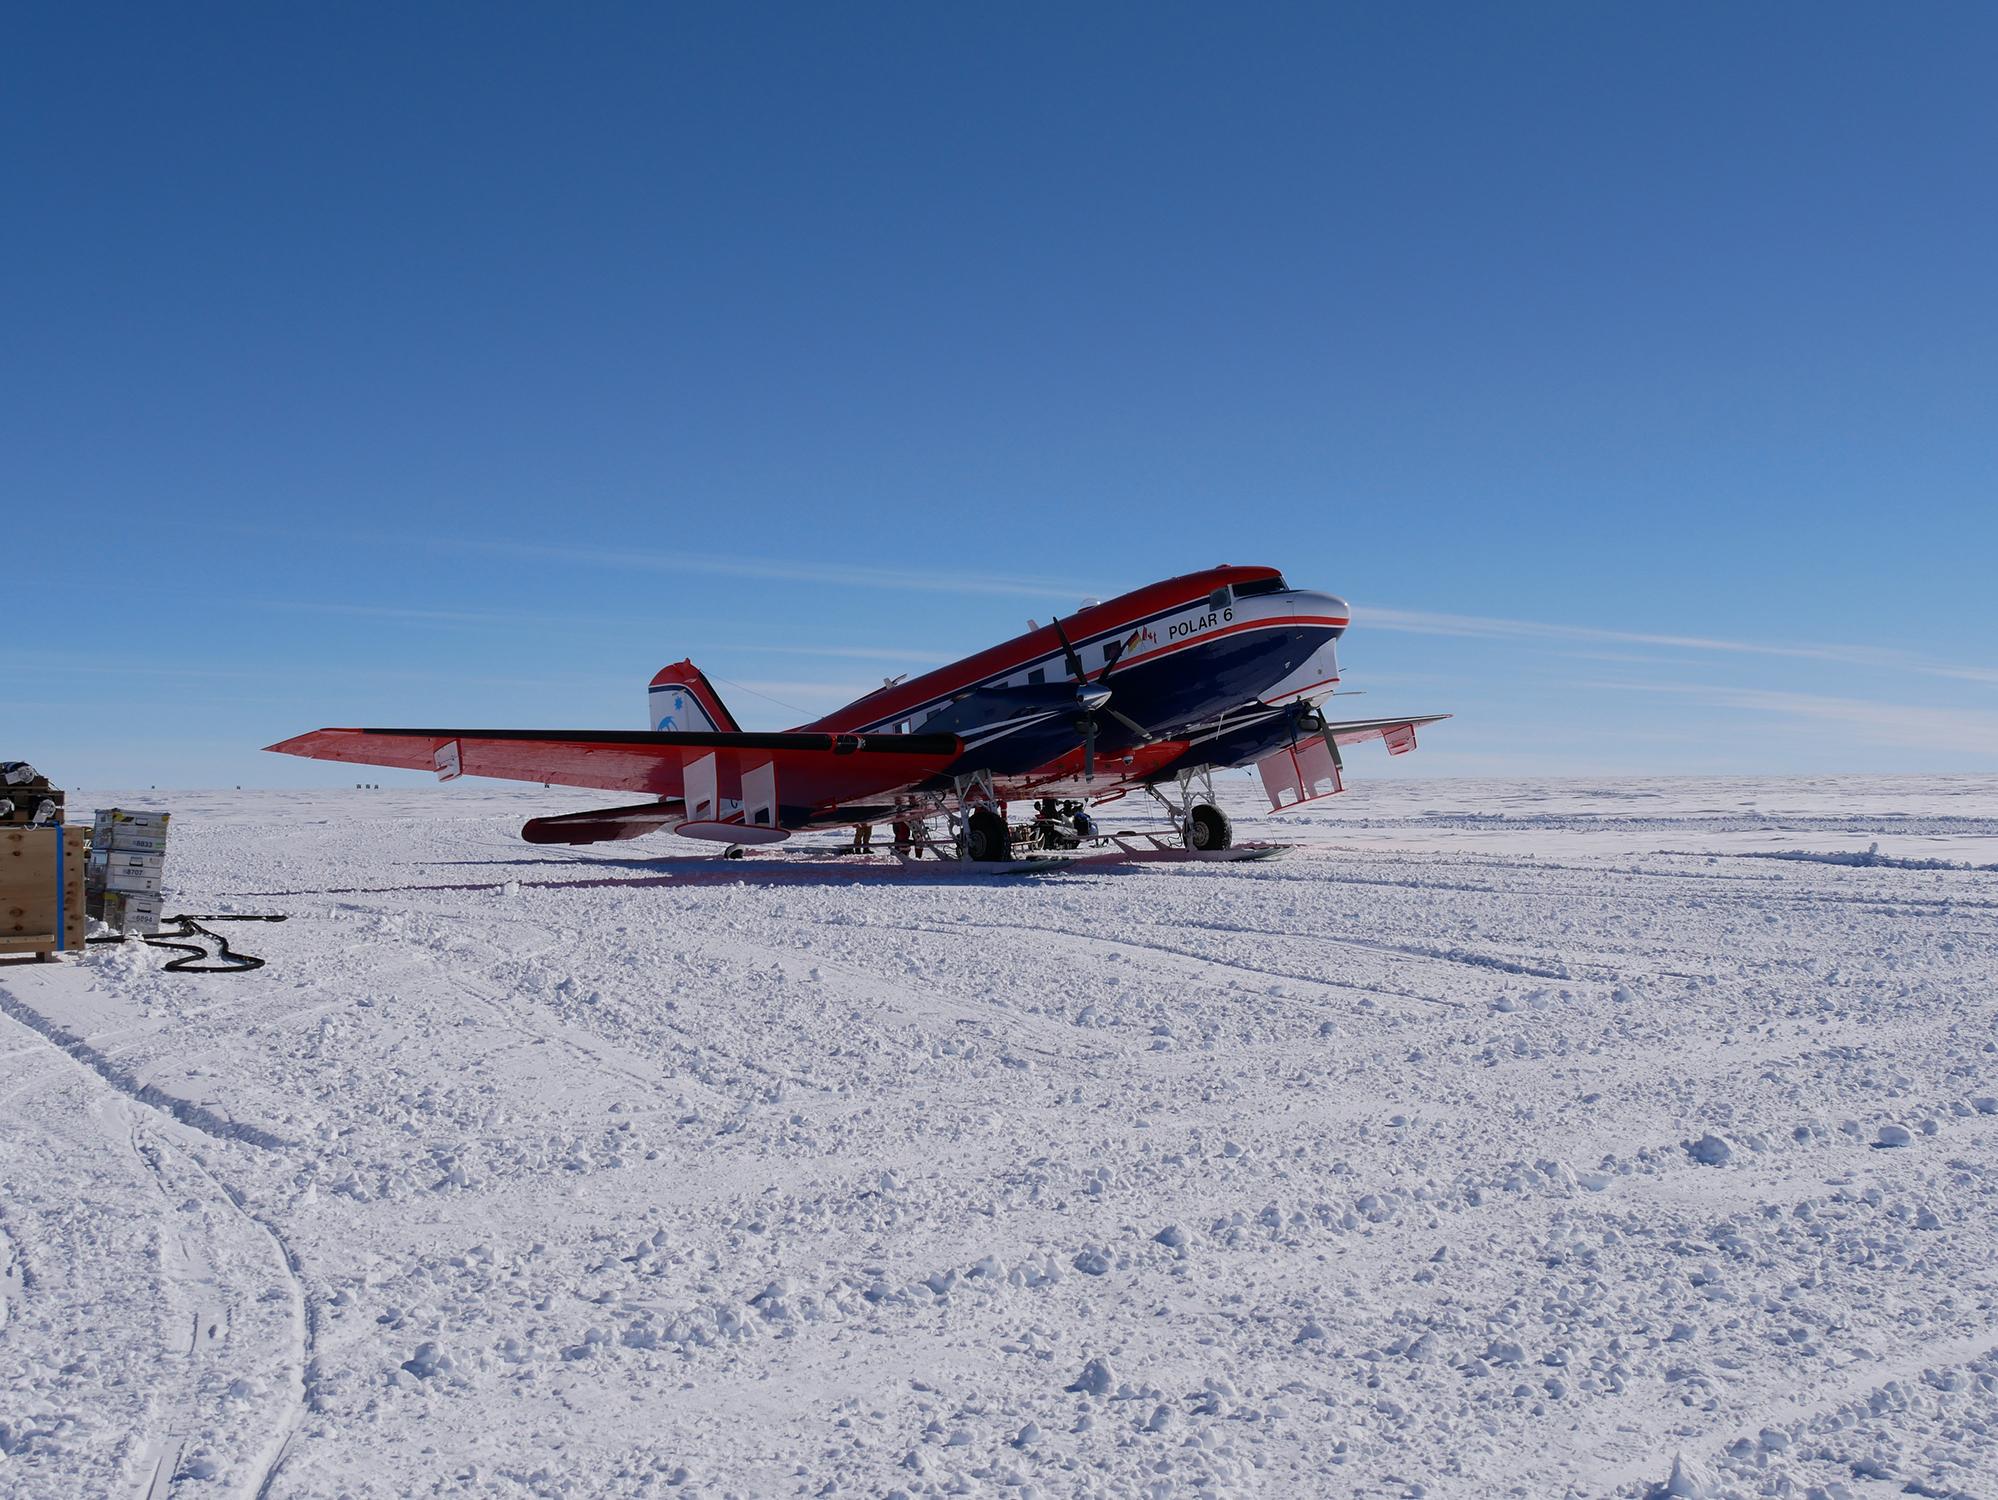 Auftanken des AWI-Polarflugzeugs Polar 6 im Feldlager «Oldest Ice Reconnaissance» im Dronning Maud Land, das für flugzeug-gestützte Radaruntersuchungen eingesetzt wird. Bild: Alexander Weinhart